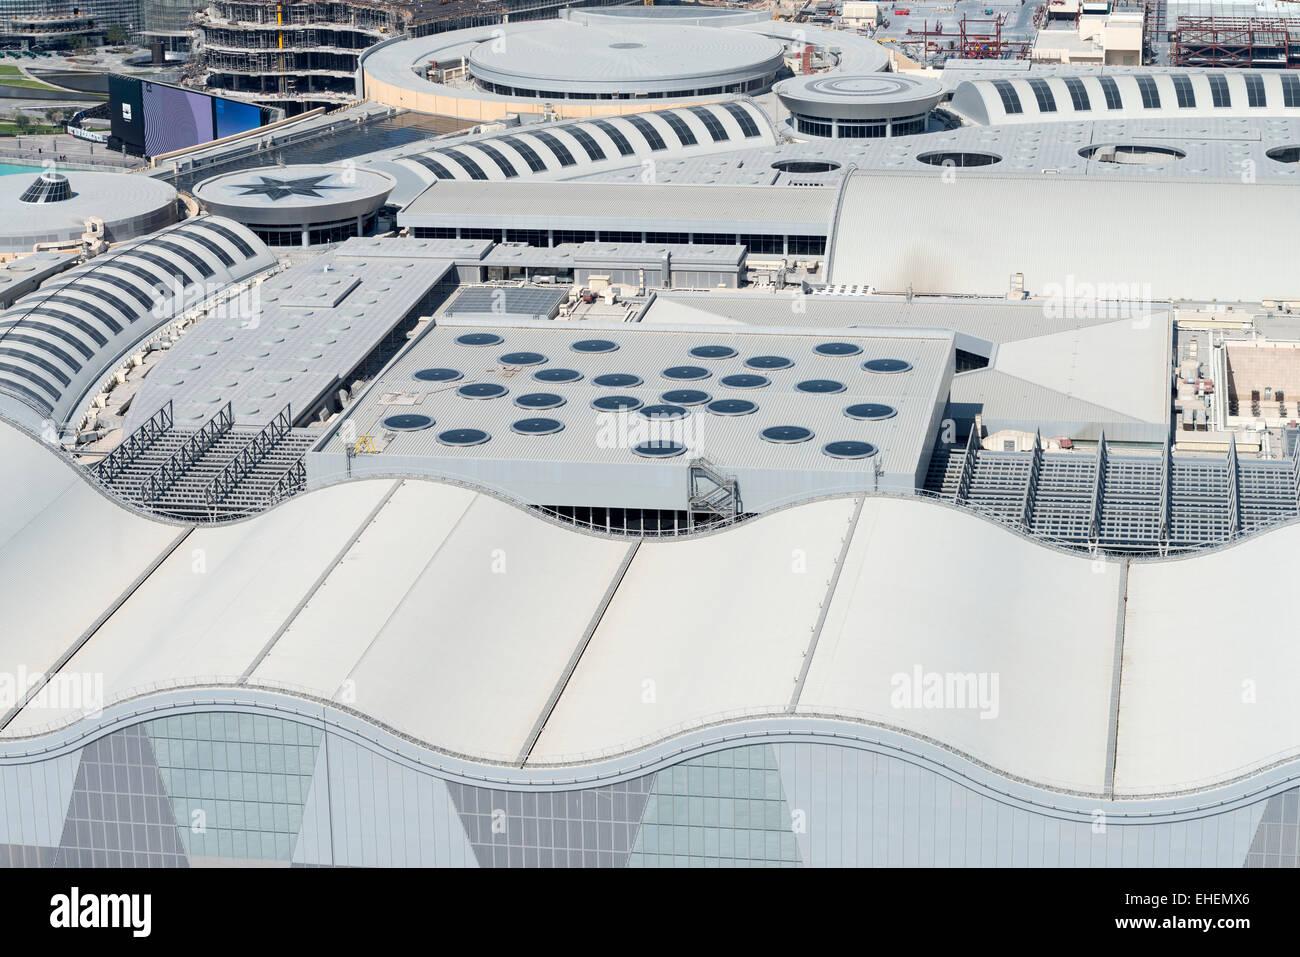 Ansicht des Daches der Dubai Mall in Dubai Vereinigte Arabische Emirate Stockbild